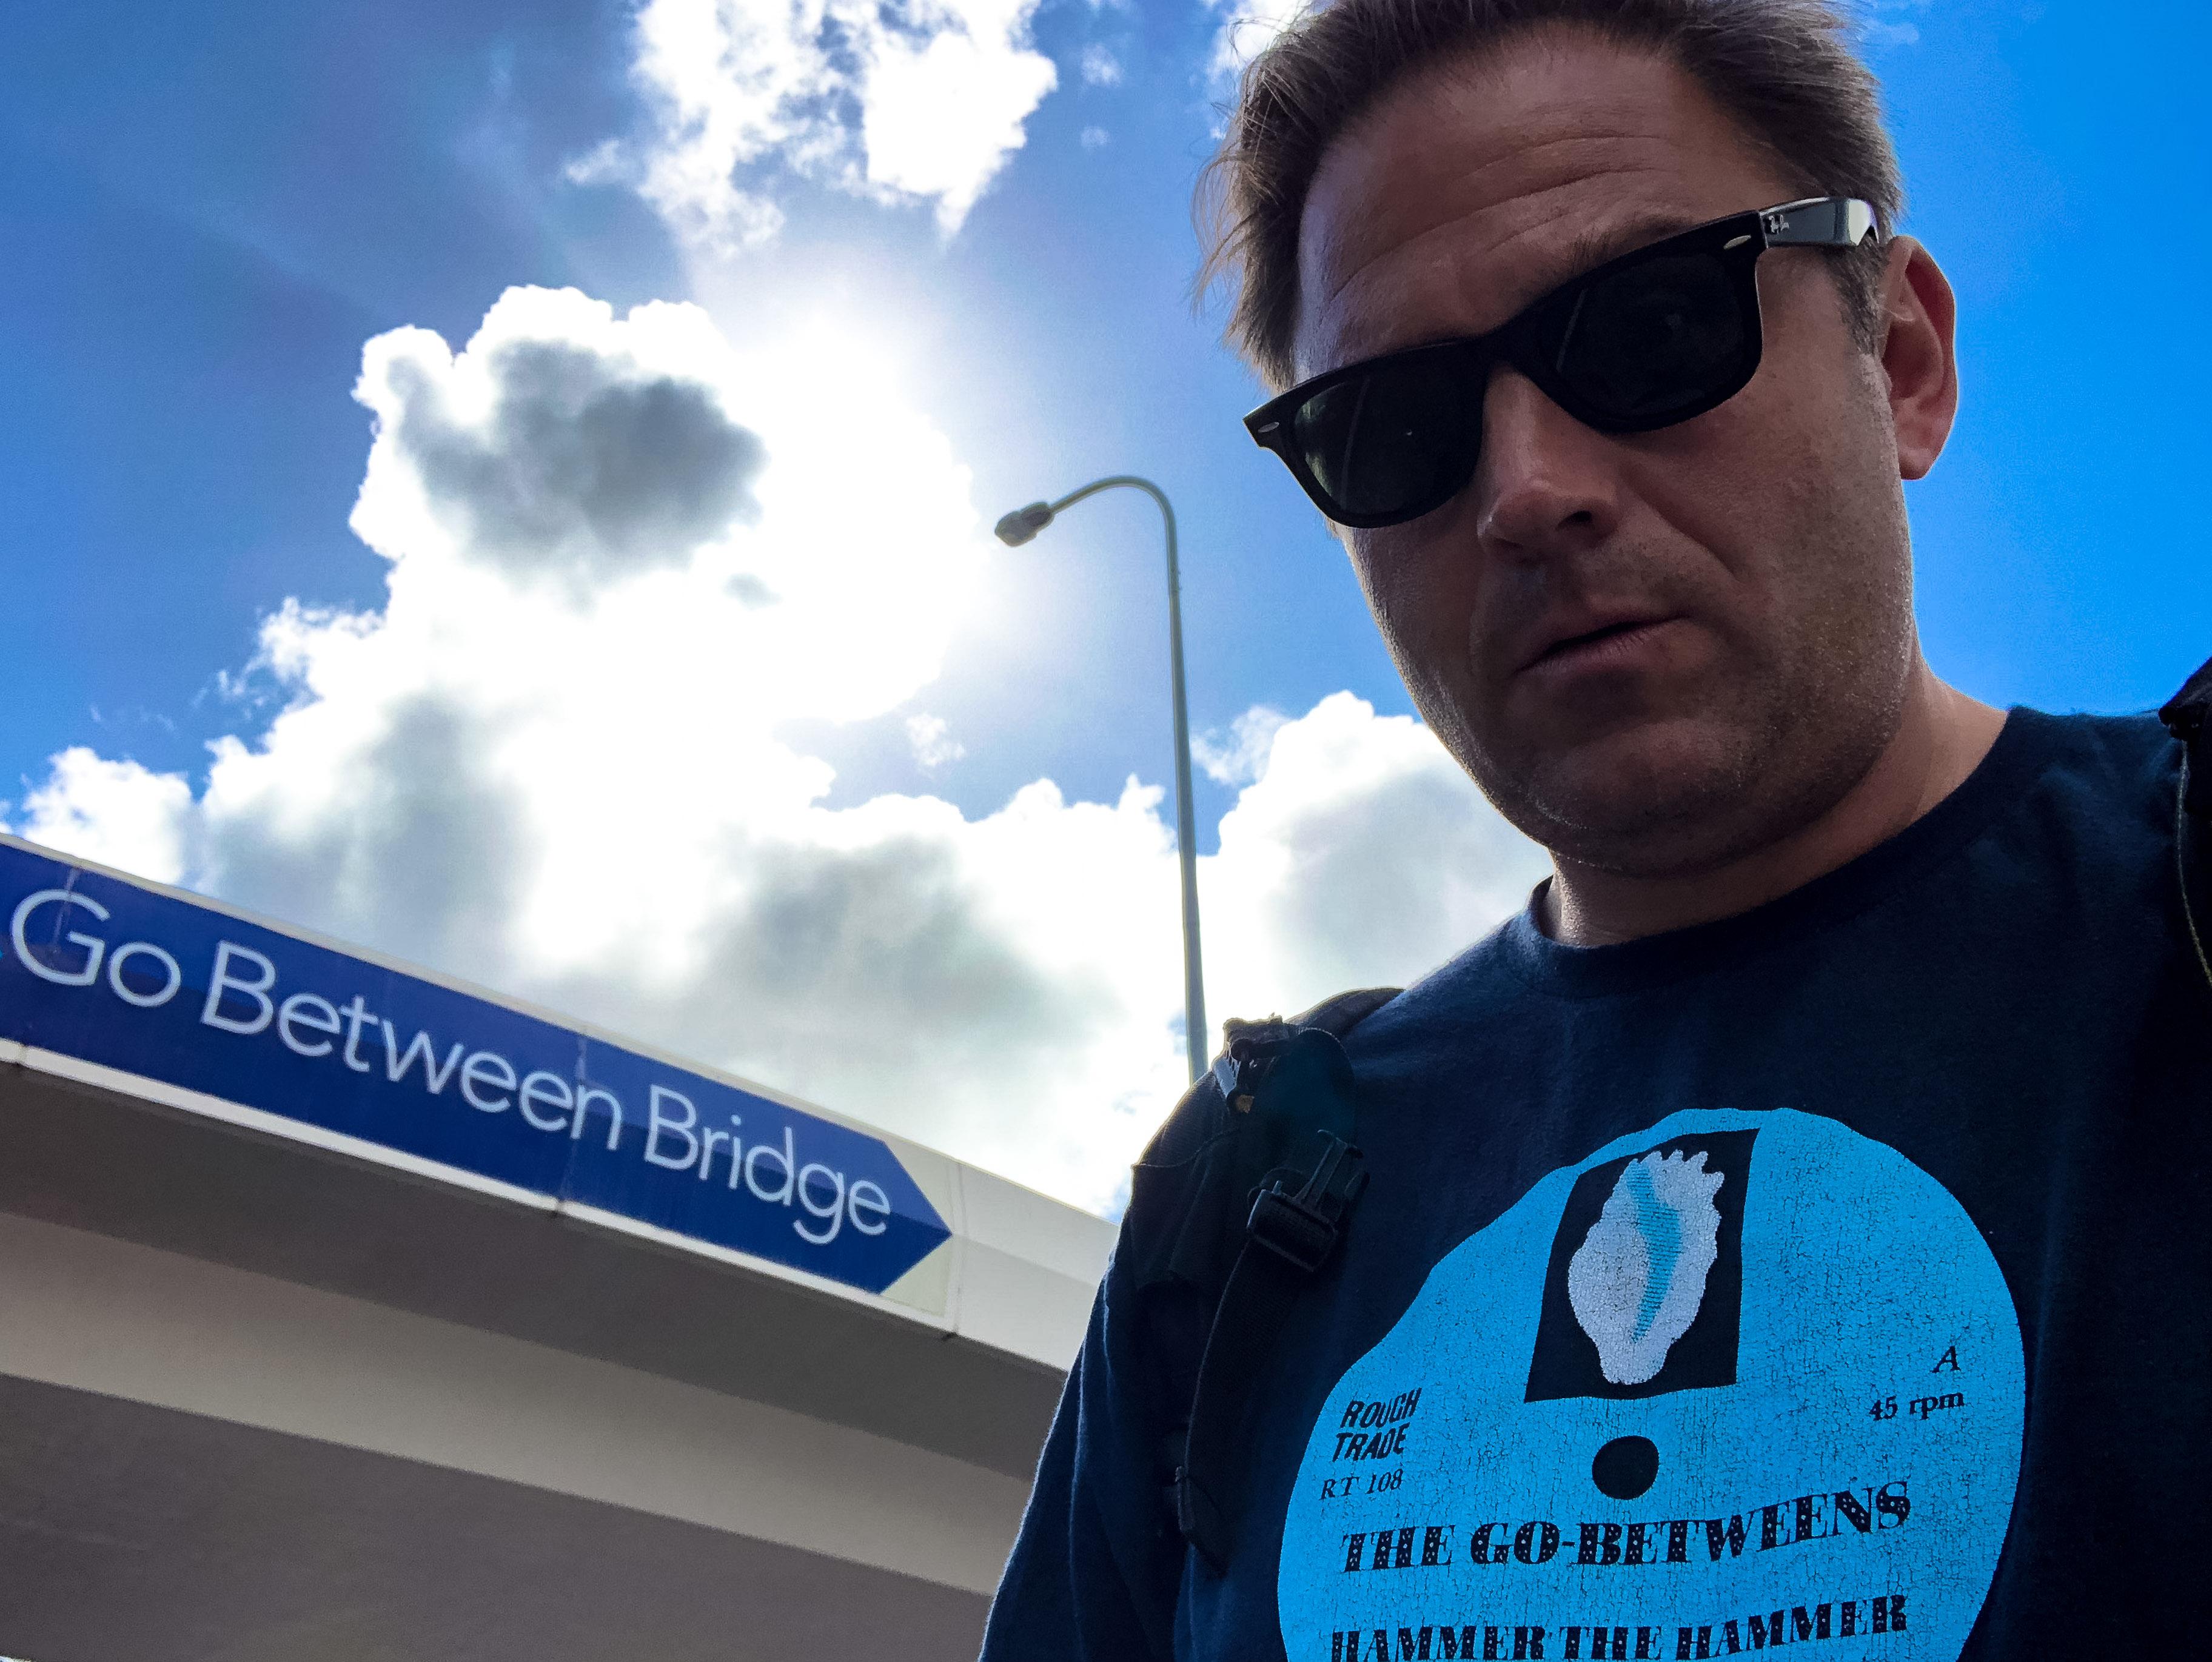 Go-Betweens, Go Between Bridge, Brisbane, Stopover in Brisbane,